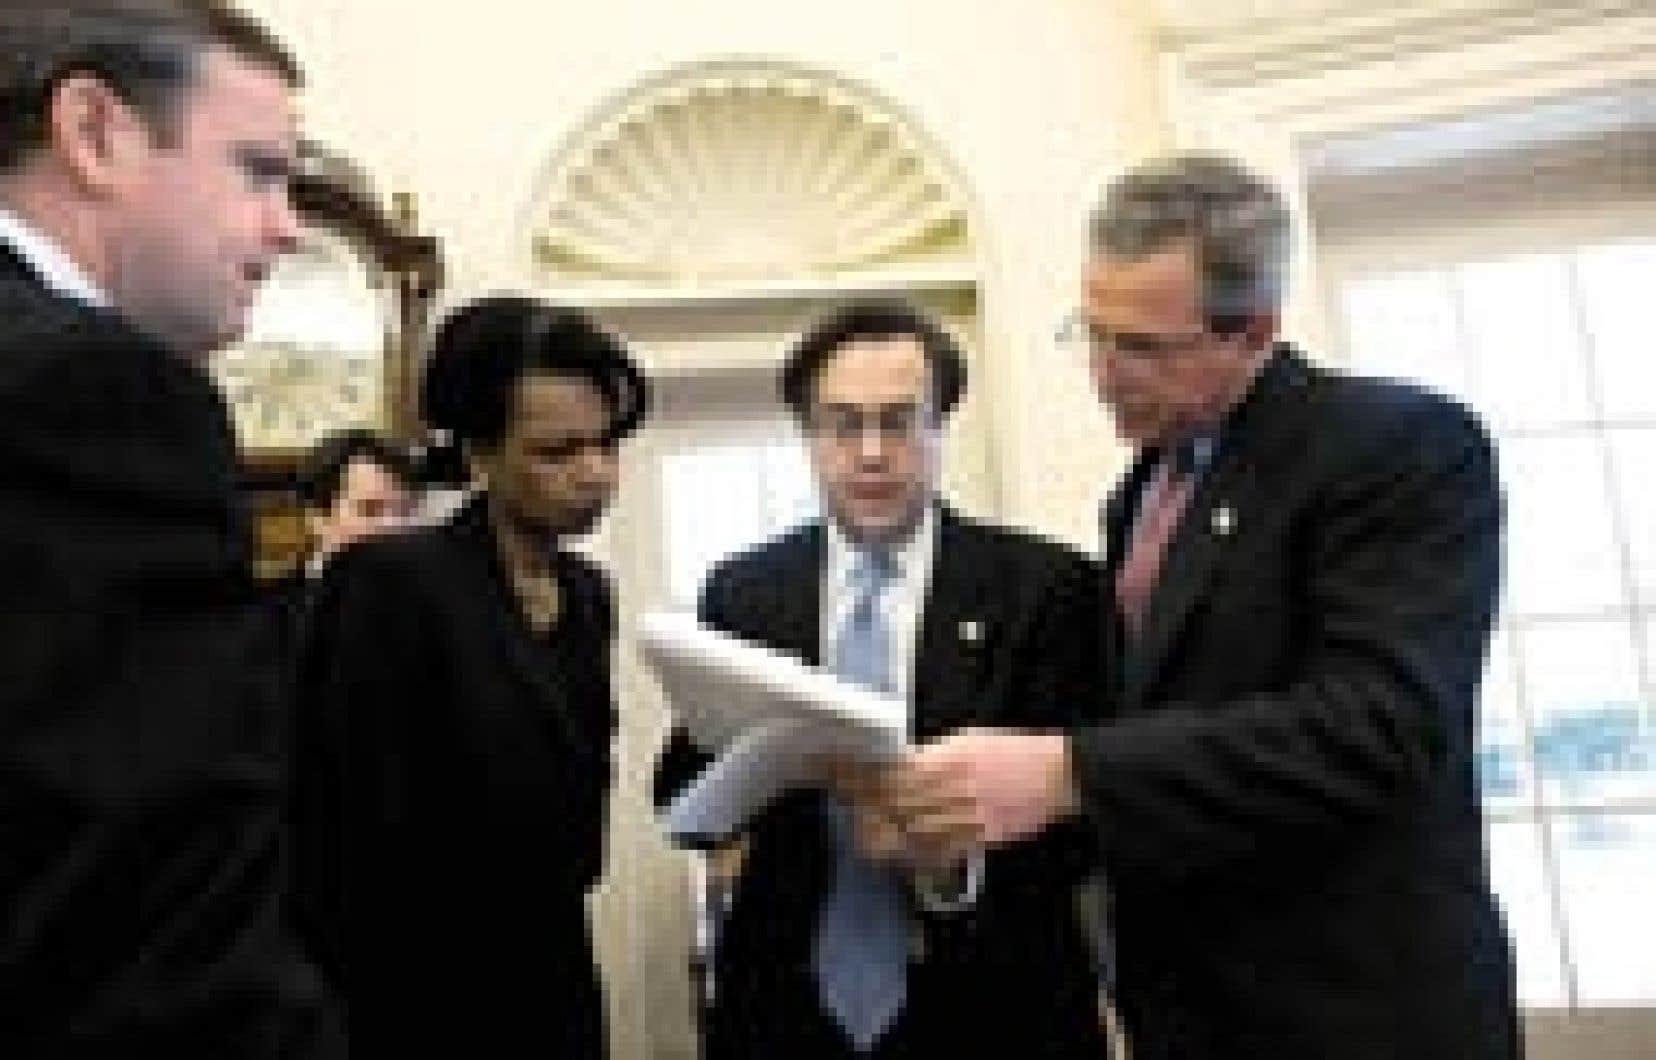 Le président américain, George W. Bush, révisant le discours sur l'état de l'Union, en compagnie de la conseillère pour la sécurité nationale, Condoleezza Rice, et du directeur de l'équipe de rédaction des discours, Mike Gerson.